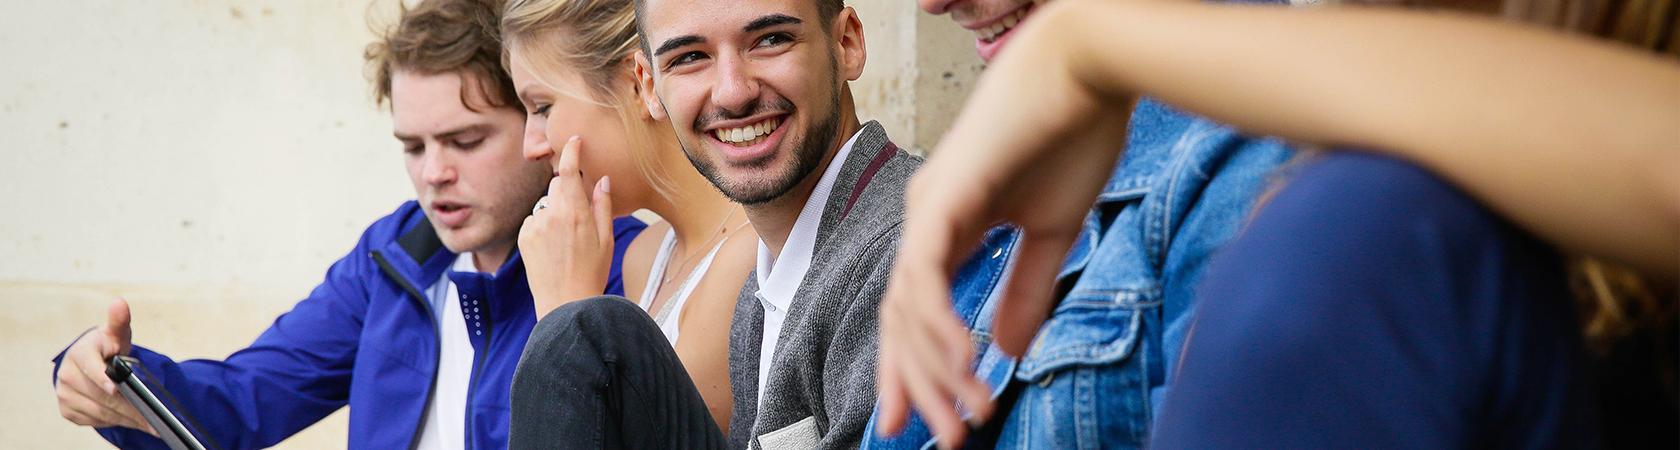 Profils et débouchés - MBA Digital Marketing & Business EFAP Paris Full-Time